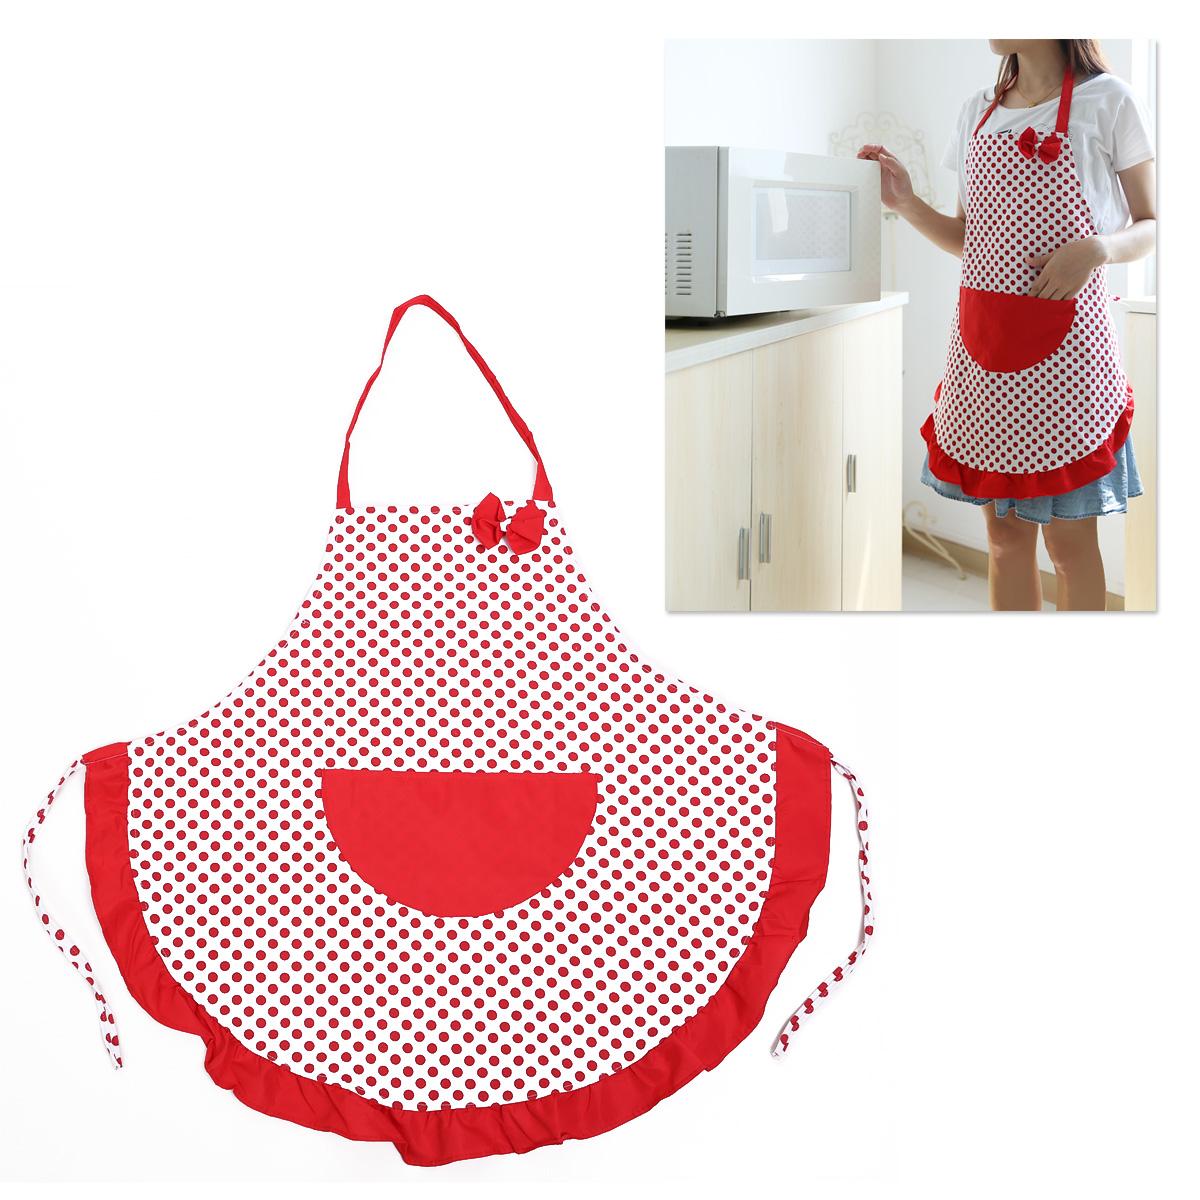 Kochschurze grillschurze kuchenschurze rote kuche schurze for Arbeitskleidung küche